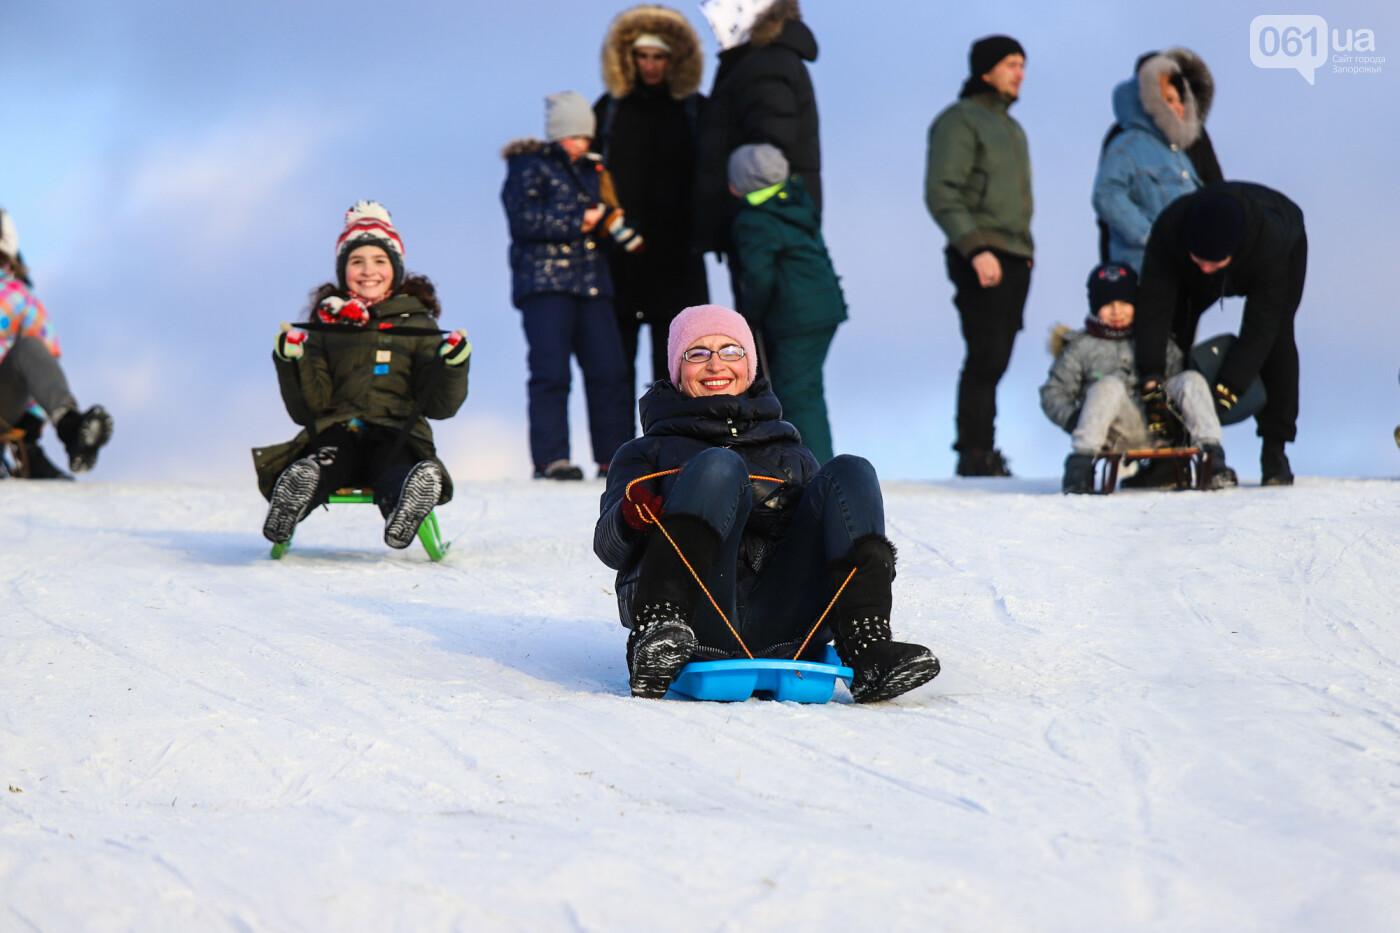 На санках, лыжах и сноуборде: запорожцы устроили массовое катание с горок в Вознесеновском парке, - ФОТОРЕПОРТАЖ, фото-60